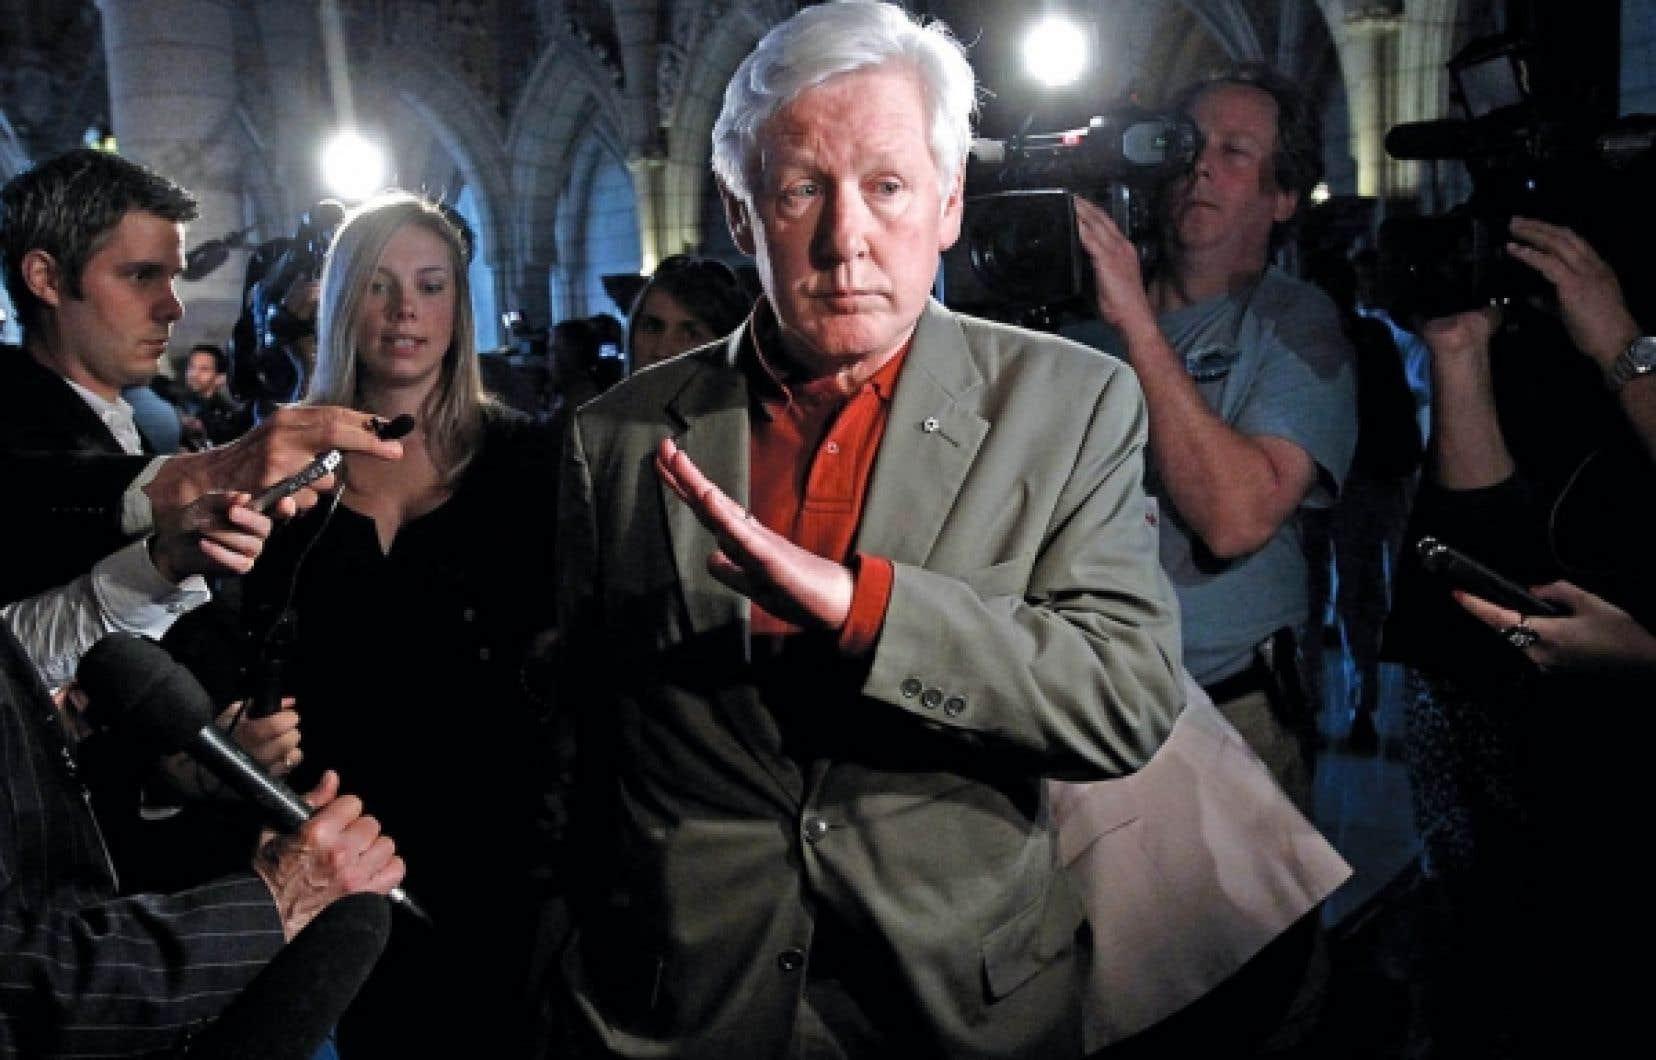 Bob Rae est entouré par les journalistes à son arrivée au caucus libéral hier. M. Rae, qu'on soupçonne être intéressé aux deux postes, conteste la règle voulant que le chef intérimaire du PLC ne puisse se porter candidat à la direction du parti par la suite.